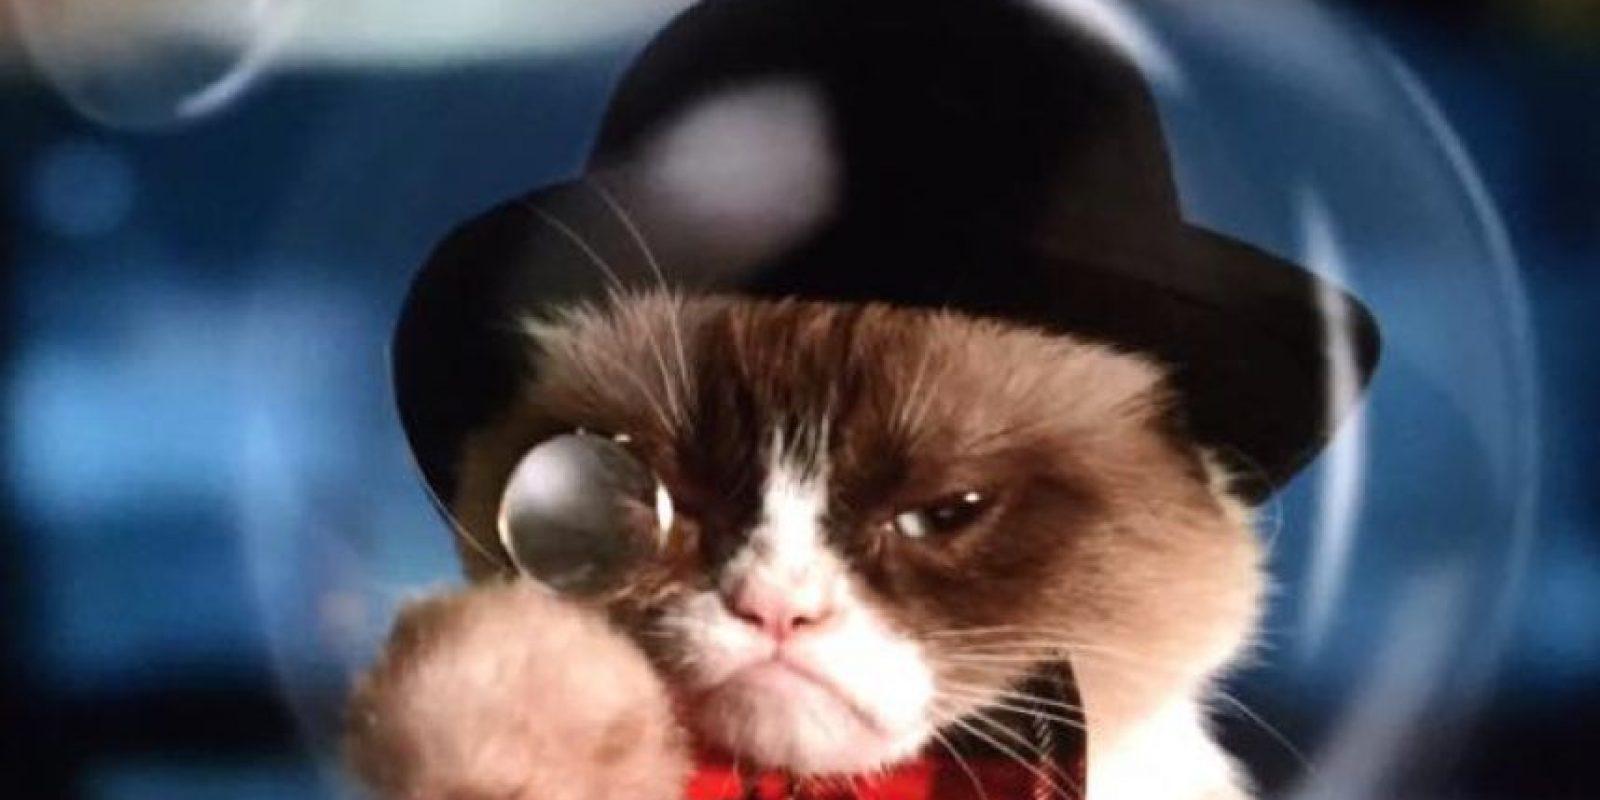 """Según la revista """"Forbes"""", entre junio de 2013 y junio de 2014 esto son los sueldos de los famosos que ganaron menos de Grumpy Cat"""